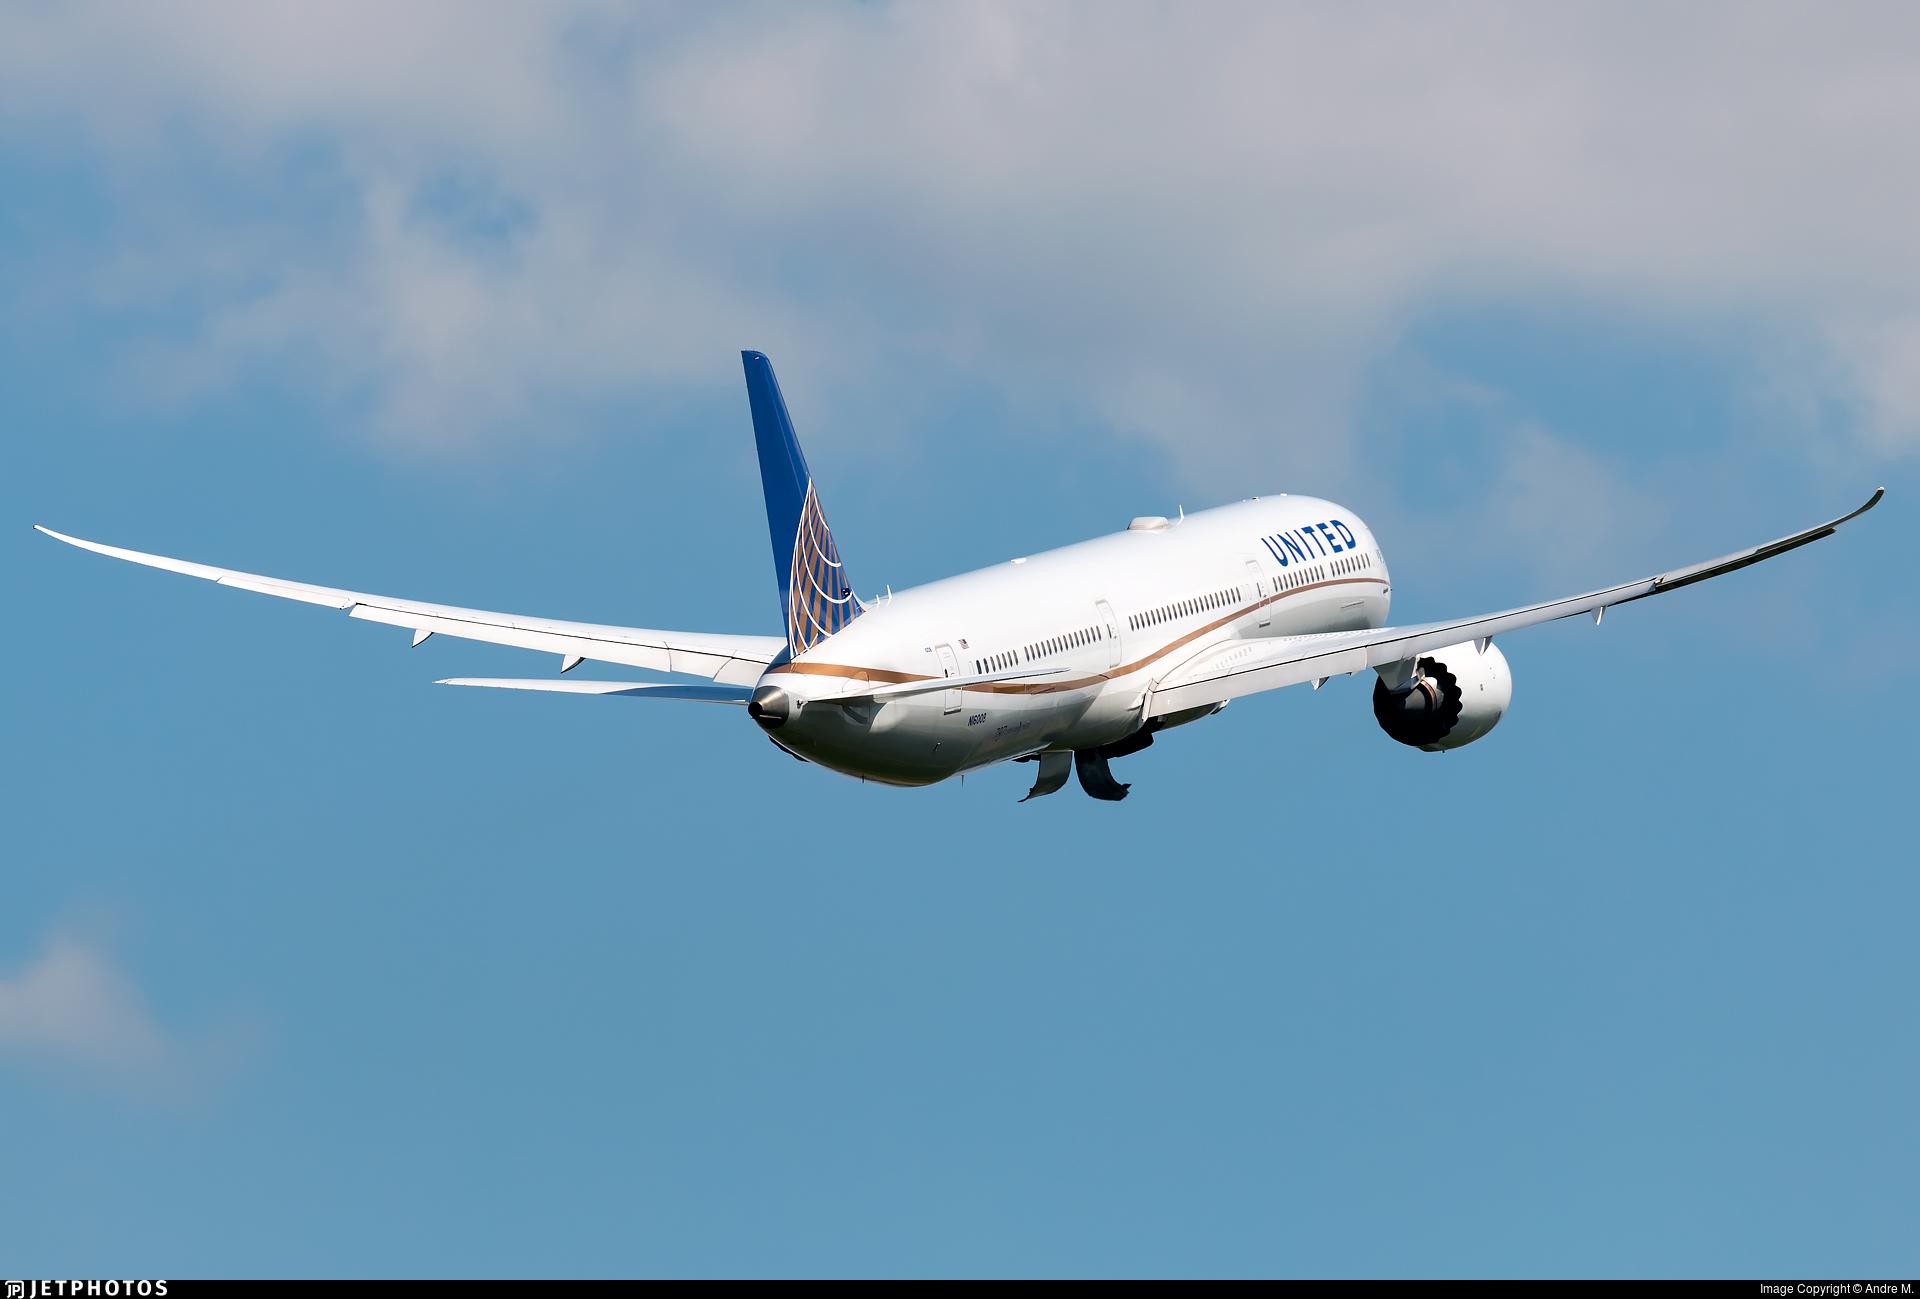 N16008 - Boeing 787-10 Dreamliner - United Airlines